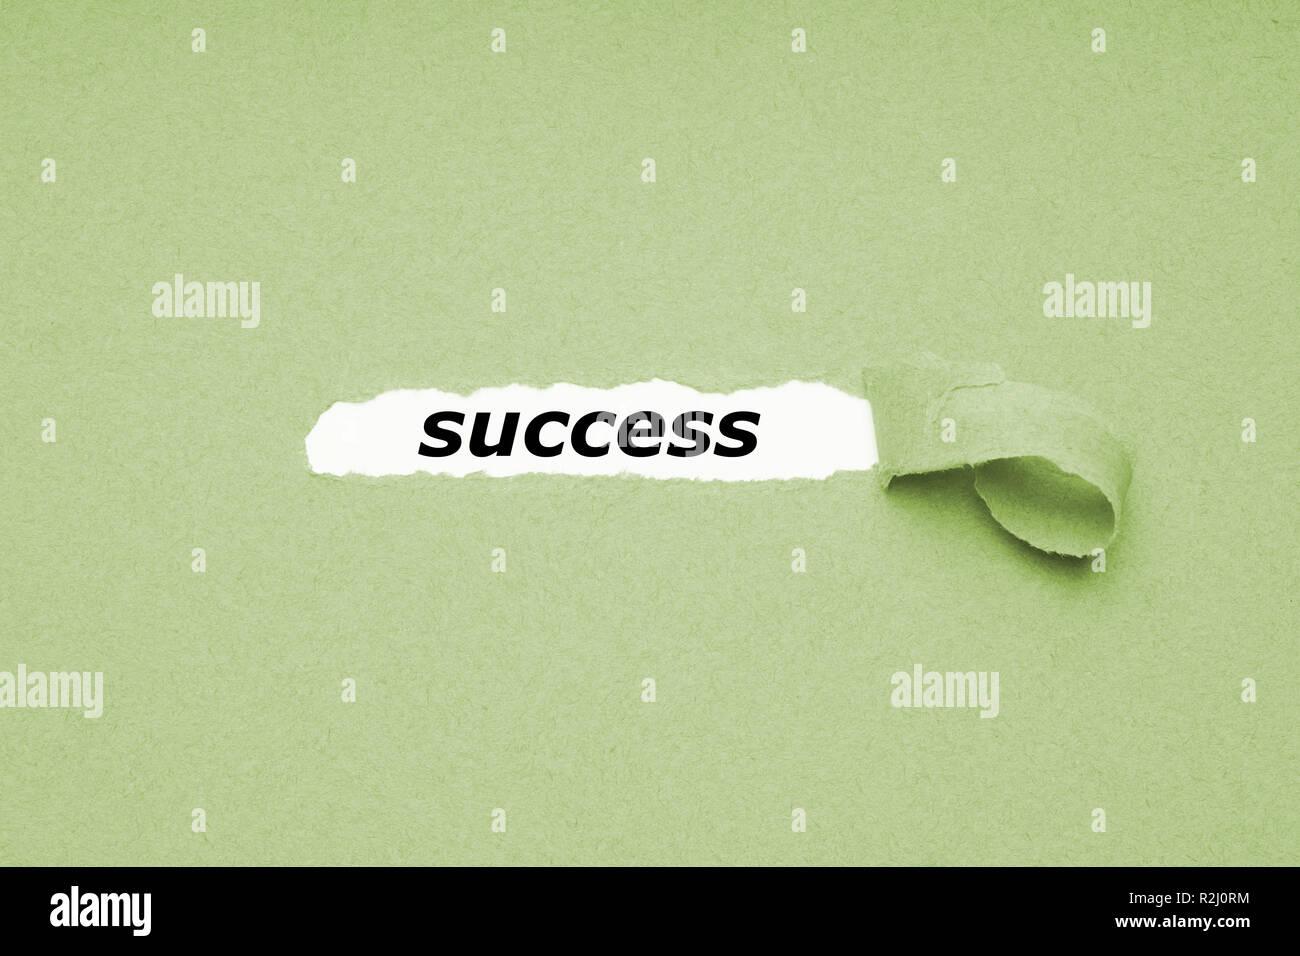 Erfolg Konzept - Loch im Grünbuch Hintergrund Aufdecken versteckter Text Stockfoto